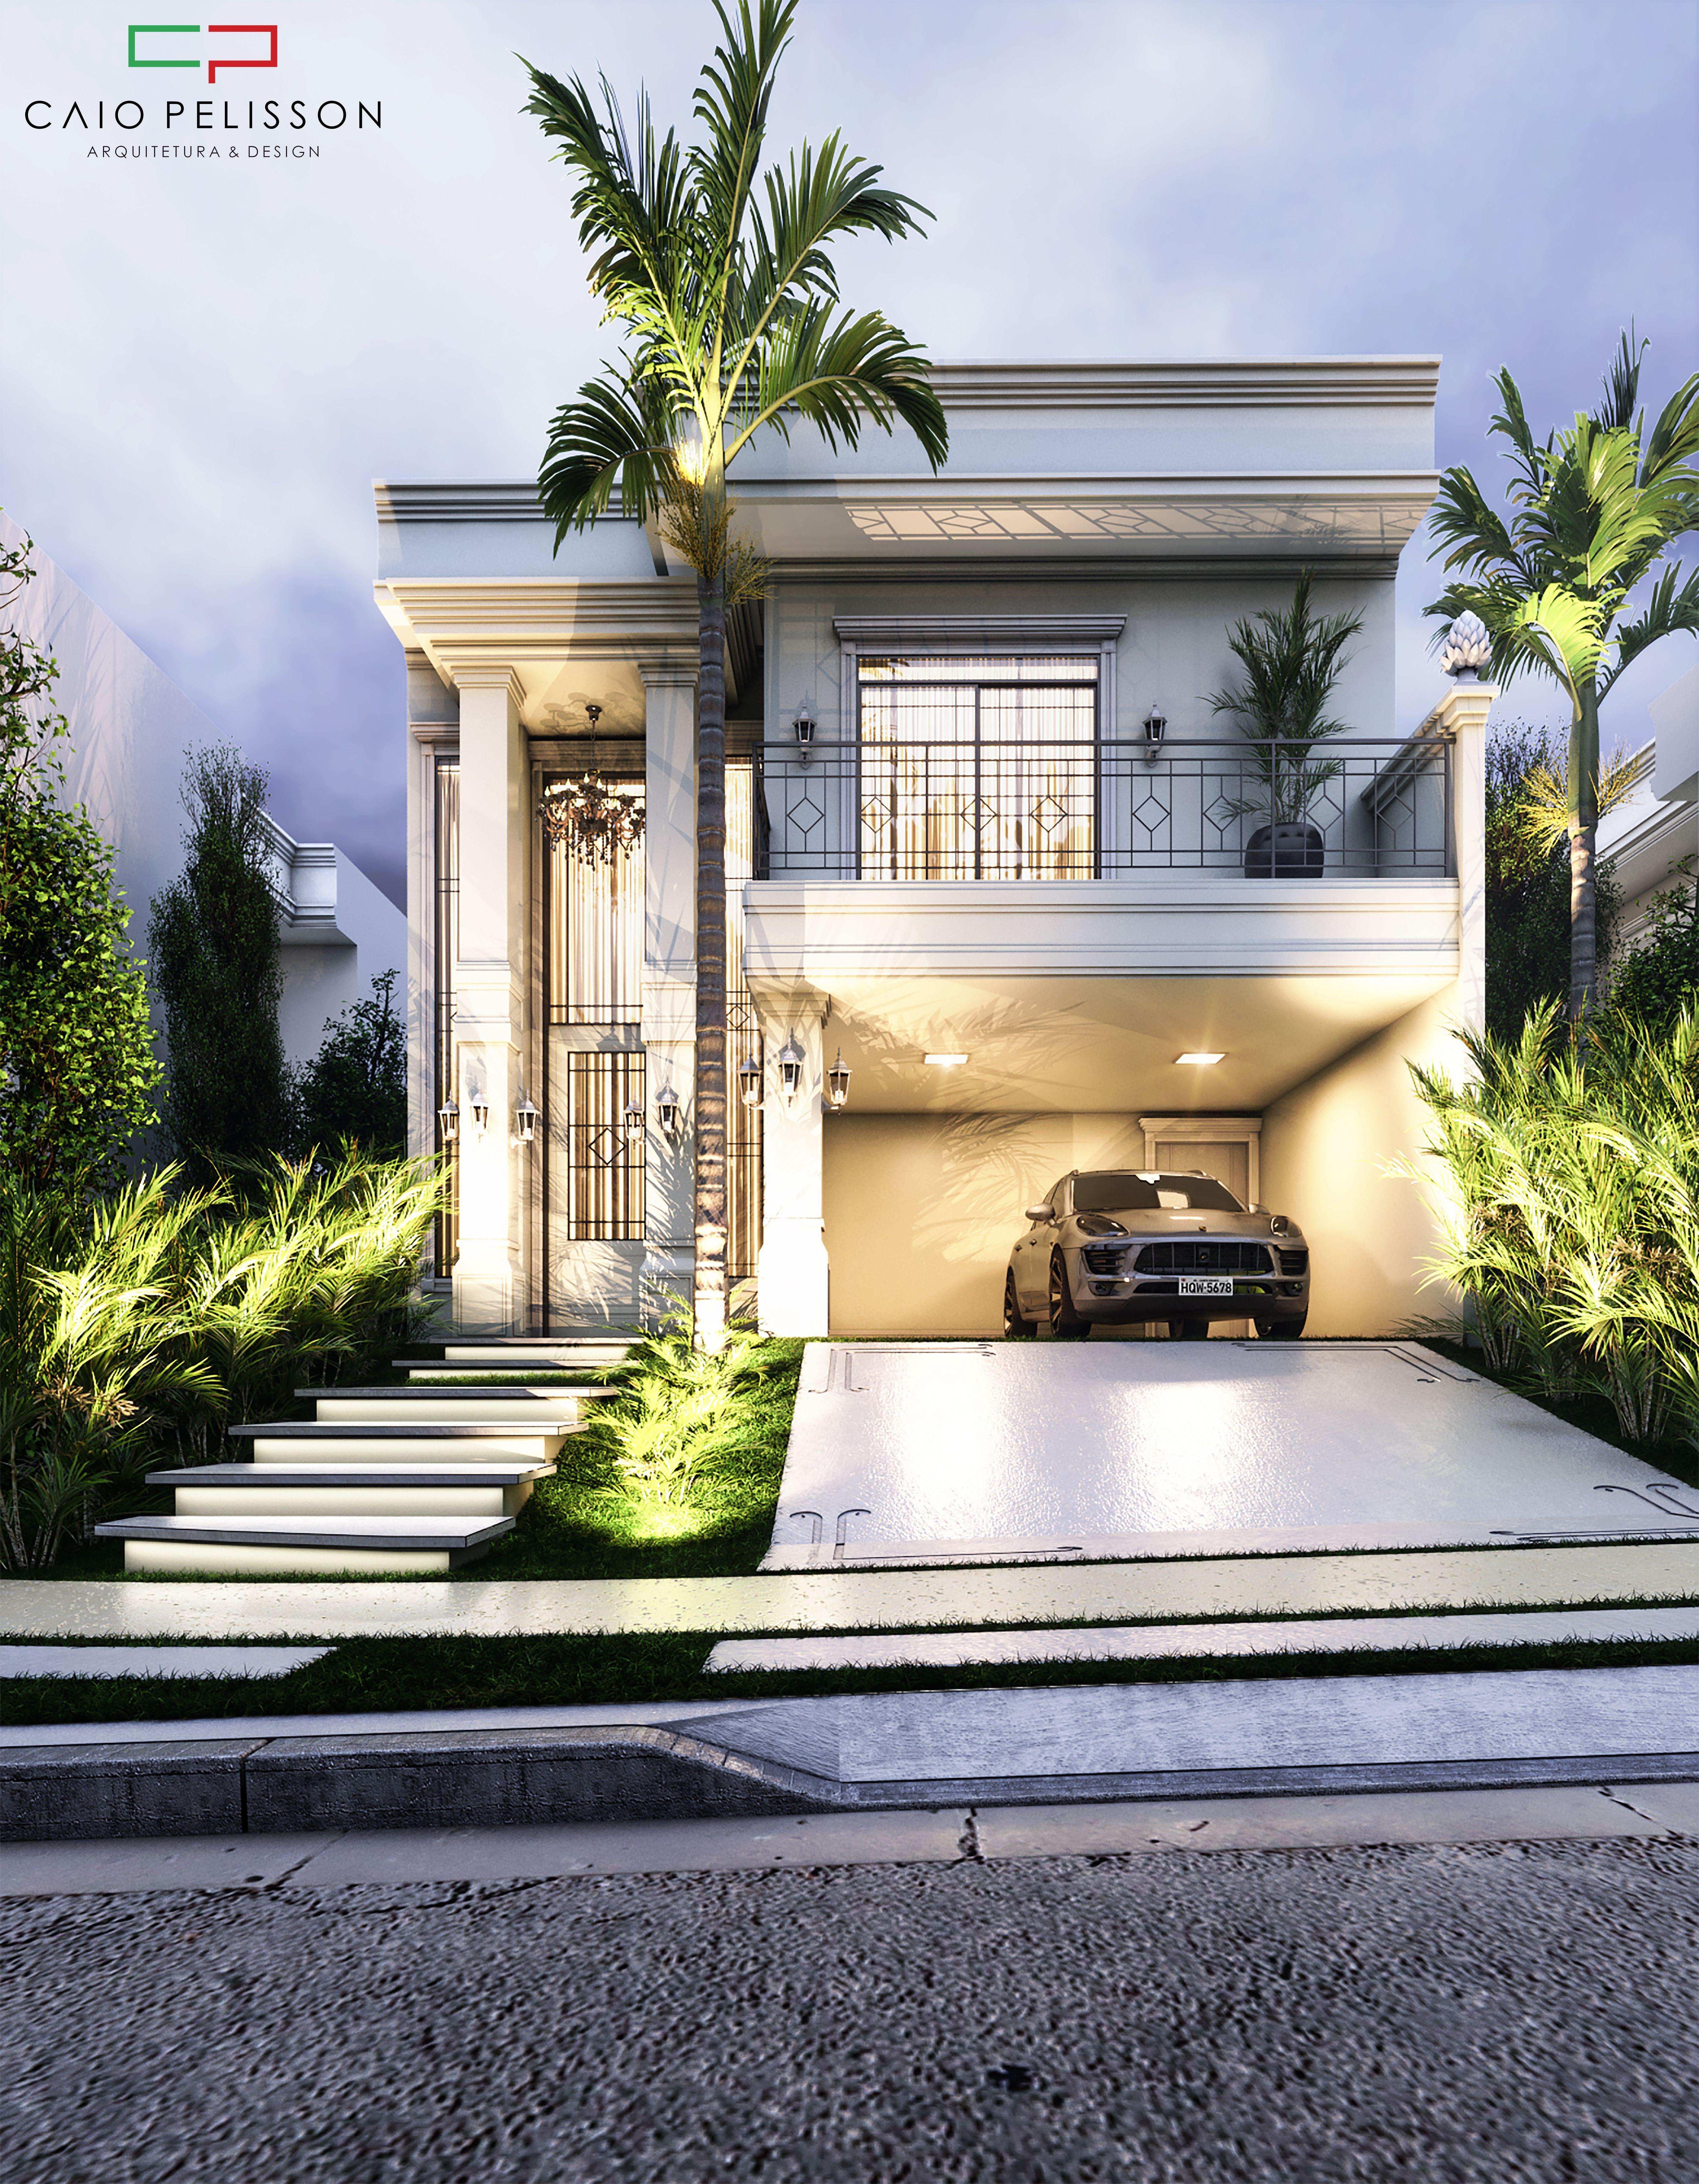 Sobrado duplex estilo neoclassico em manaus amazonas for Design moderno casa